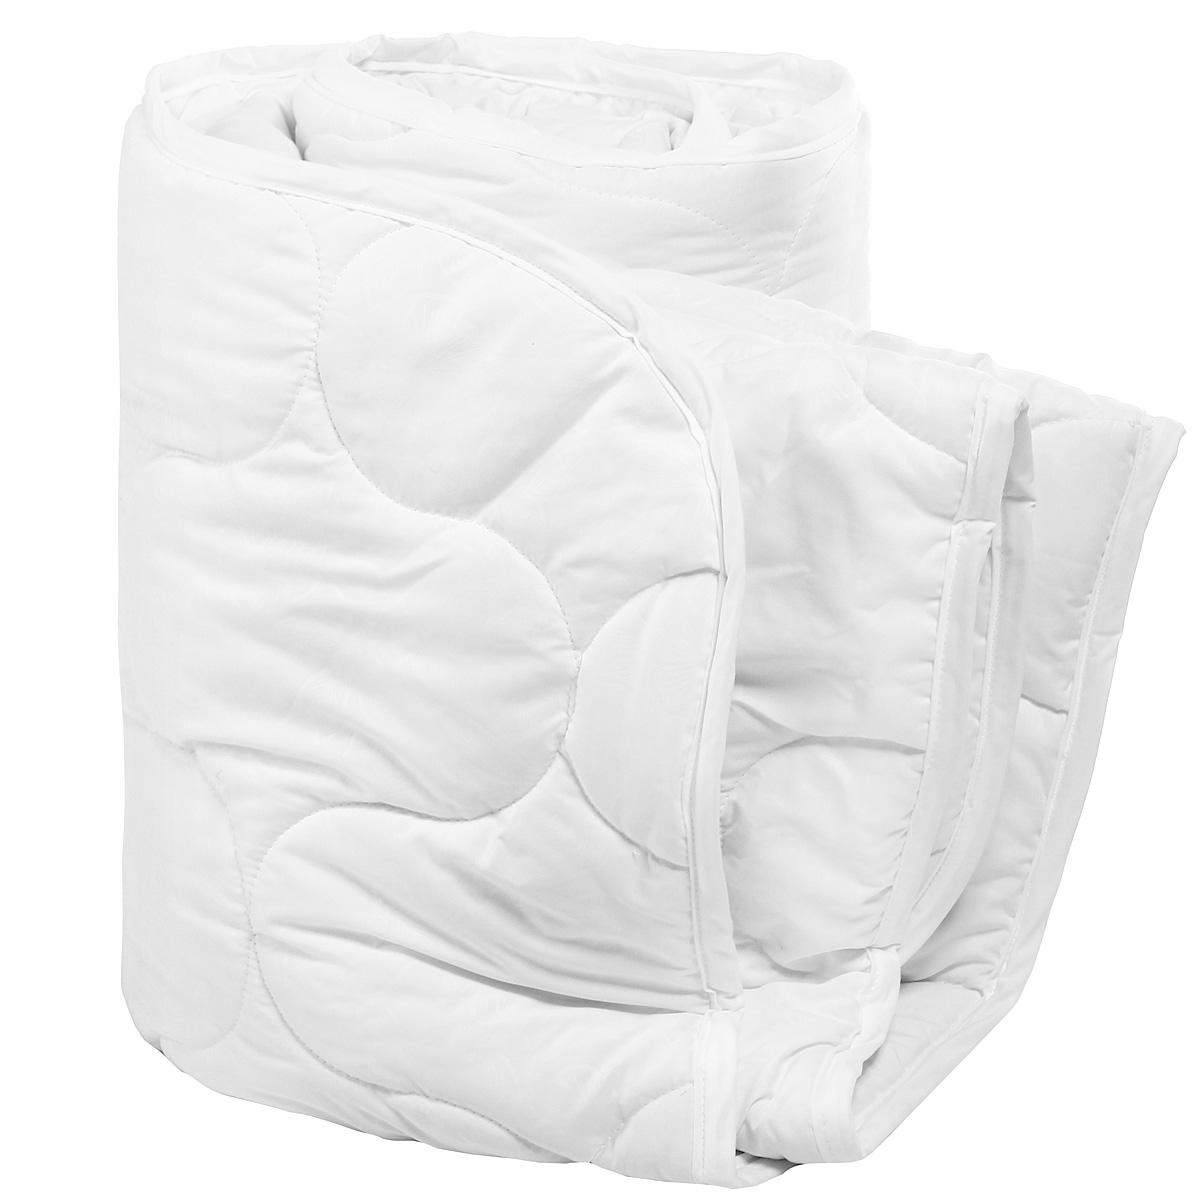 Одеяло Verossa Green Line, наполнитель: бамбуковое волокно, 172 см х 205 см10503При изготовлении одеяла Verossa Green Line применяется ткань нового поколения из микрофиламентных нитей Ultratex. Одеяло не требует специального ухода, быстро сохнет после стирки и практически не мнется.Наполнитель из натуральных бамбуковых волокон. Пористая структура бамбукового волокна обеспечивает отличные условия для циркуляции воздуха и впитывания влаги.Преимущества одеяла Verossa Green Line: идеальный комфортный сон; антибактериальная защита; оптимальная терморегуляция. Характеристики:Материал чехла: 100% полиэстер (Ultratex). Наполнитель: 50% бамбуковое волокно, 50% полиэстер. Цвет: белый. Масса наполнителя: 300 г/м2. Размер одеяла: 172 см х 205 см. Размер упаковки:58 см х 15 см х 43 см. Артикул: 165990.